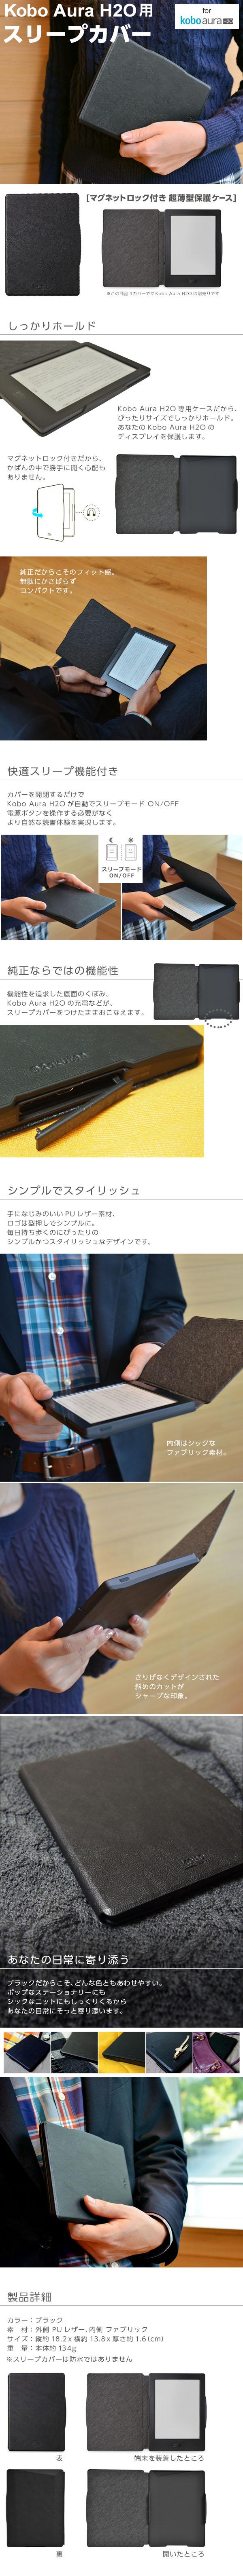 電子書籍リーダー Kobo Aura H2O 用スリープカバー(マグネットロック機能付き 超薄型保護ケース)